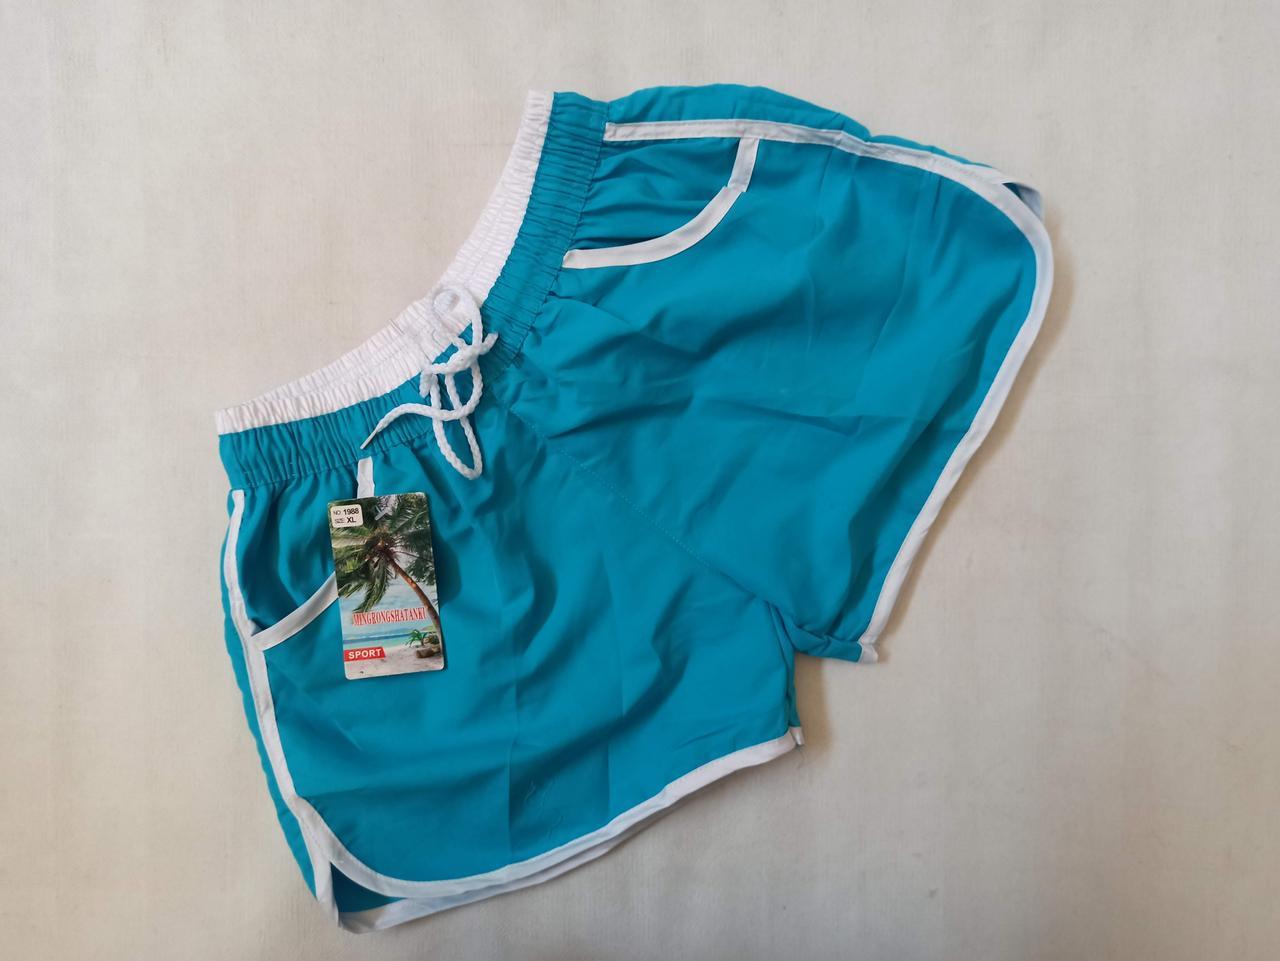 Шорты для женщин  1998 голубой.  (В НАЛИЧИИ ТОЛЬКО  44 46 48 размеры)